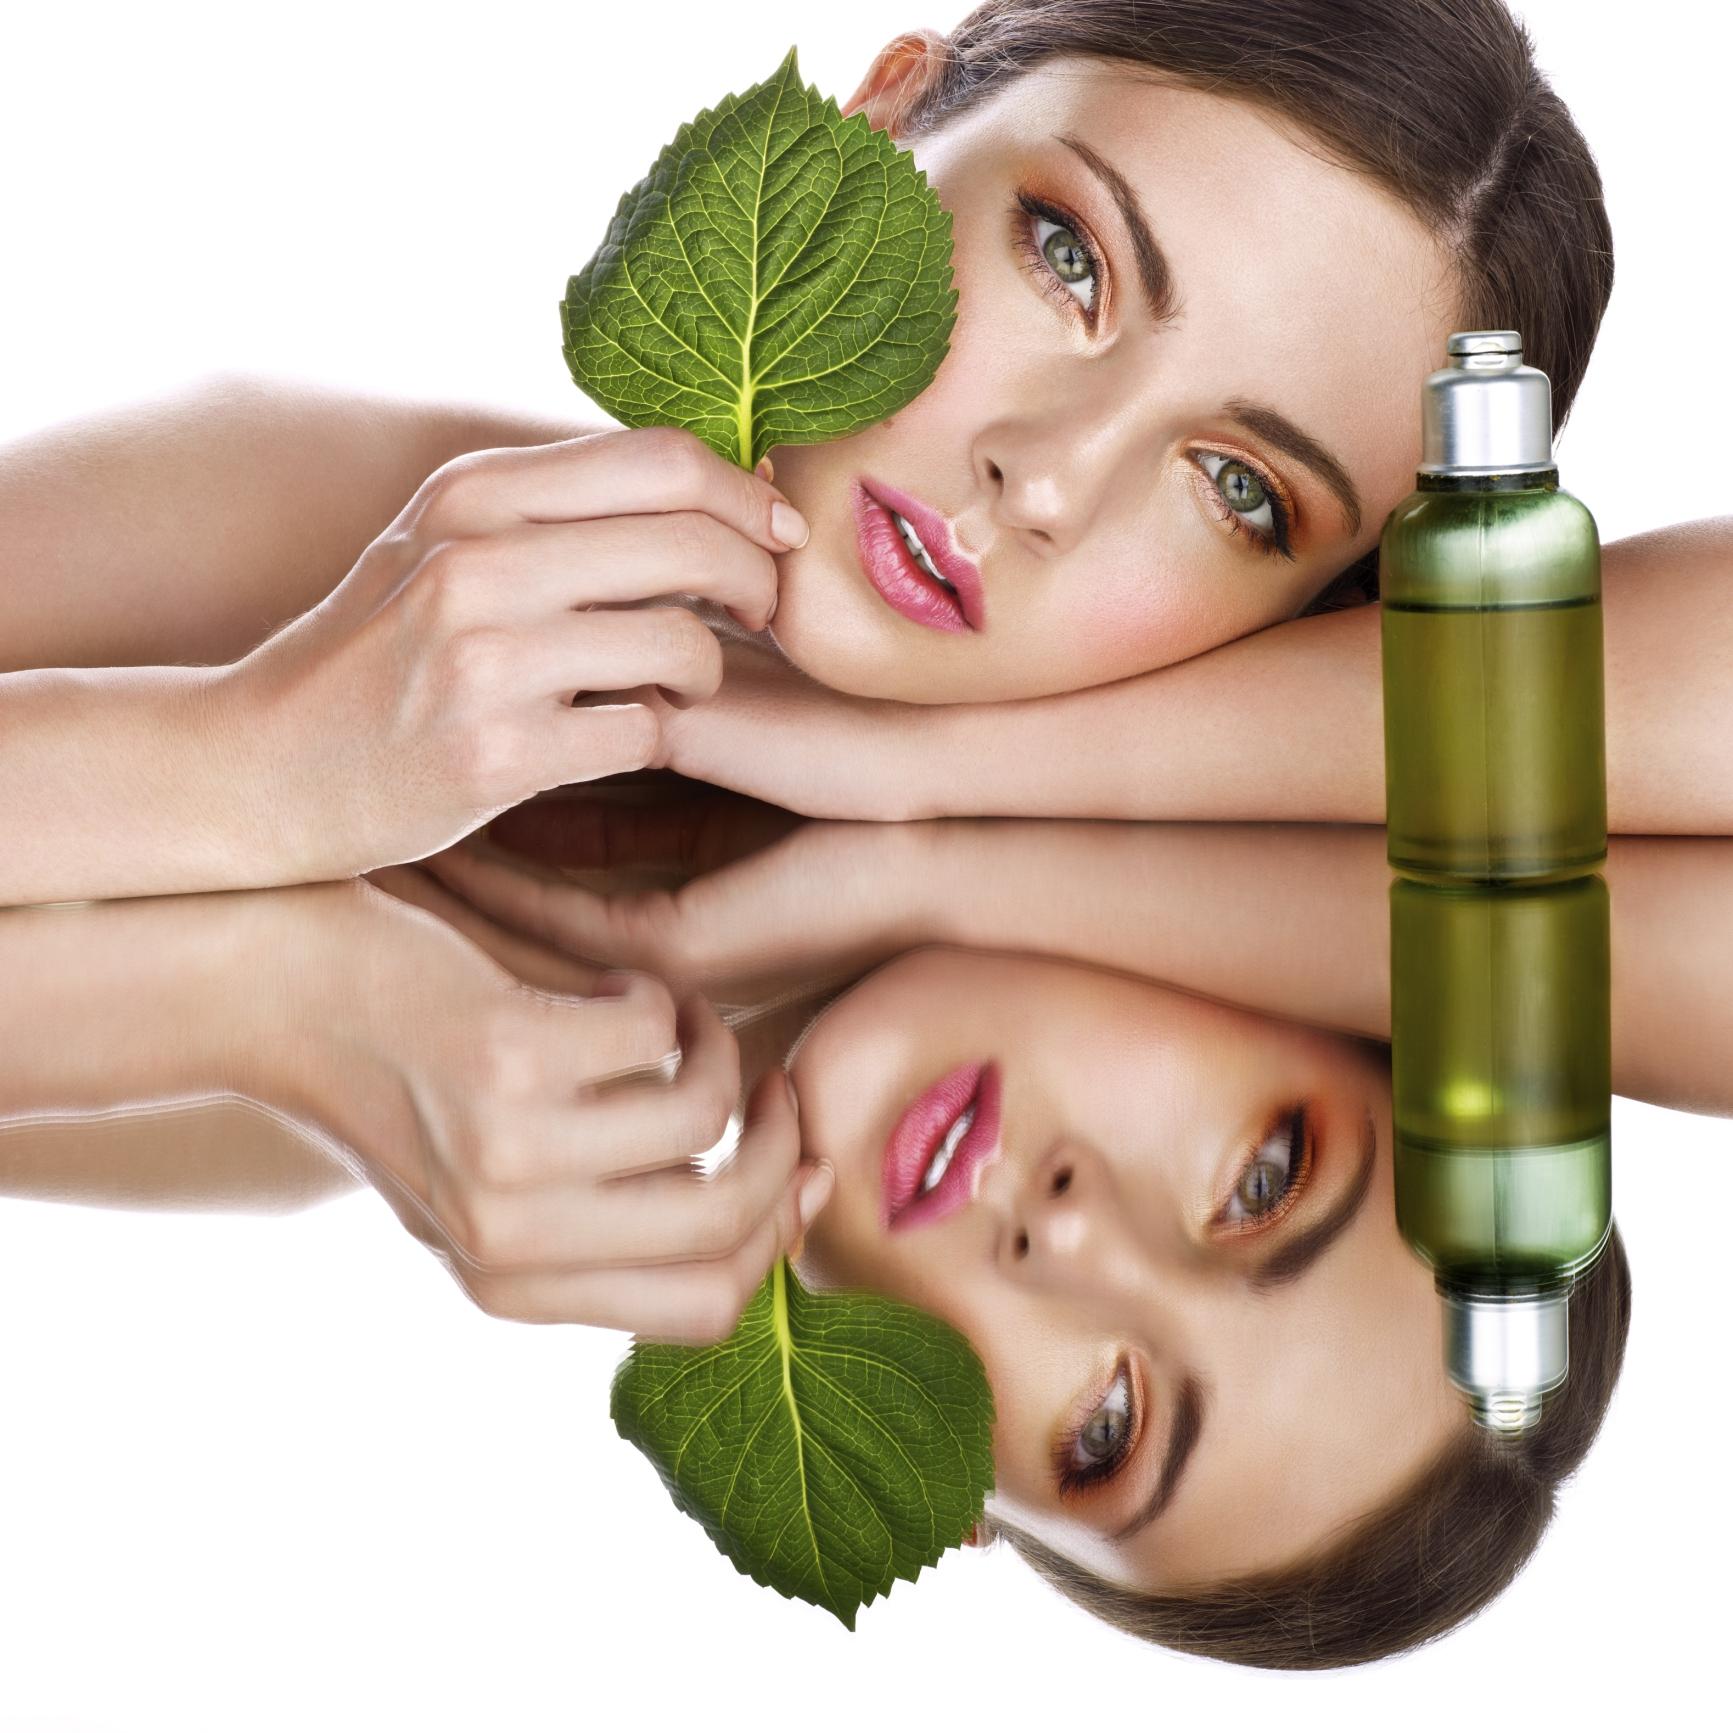 Покупаем органическую (натуральную) косметику где купить органическую косметику